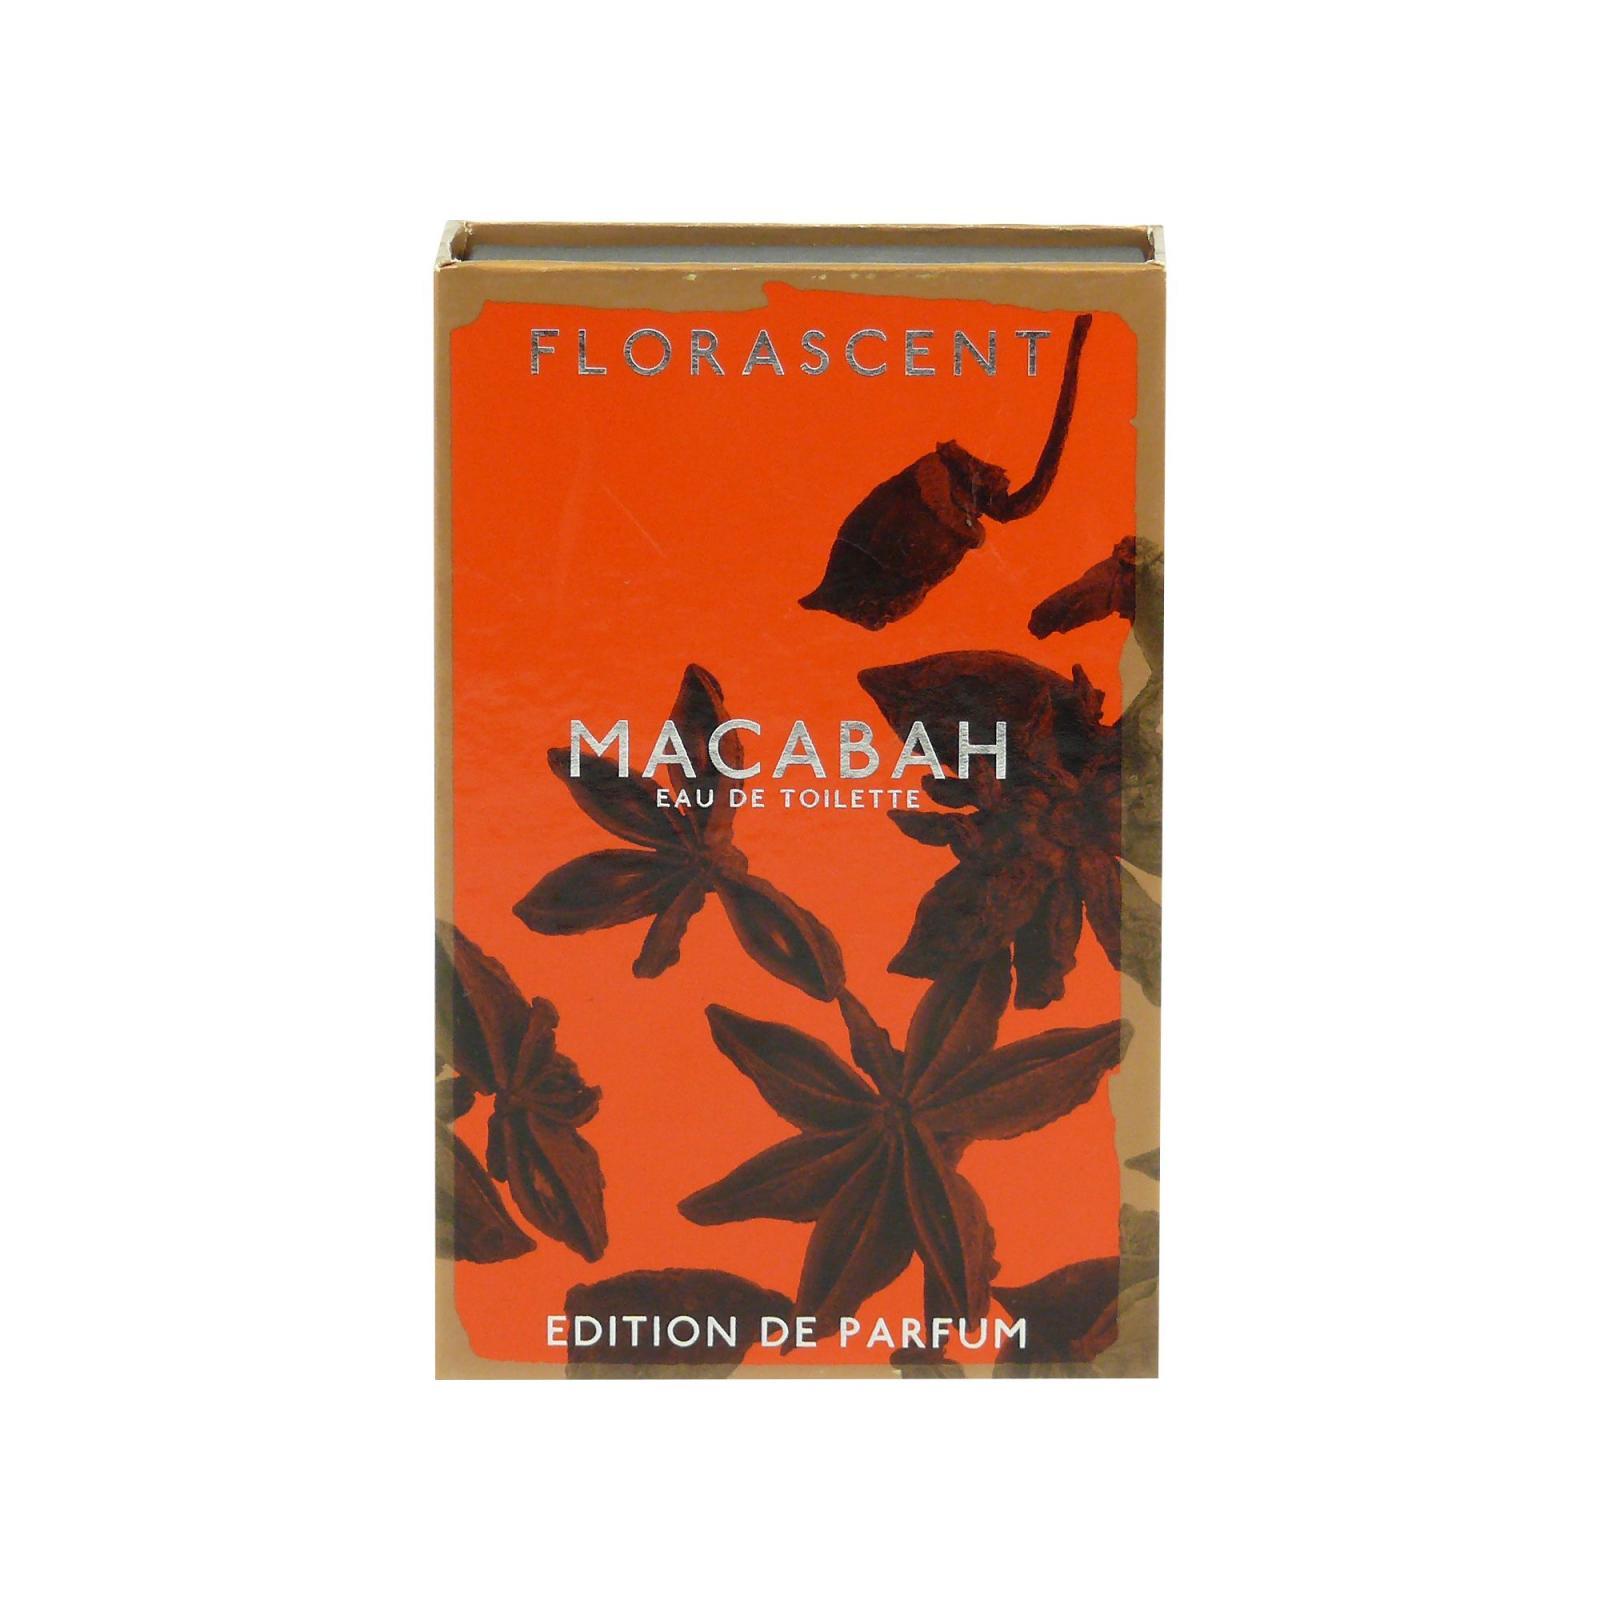 Florascent Toaletní voda Macabah, Edition de Parfum 30 ml